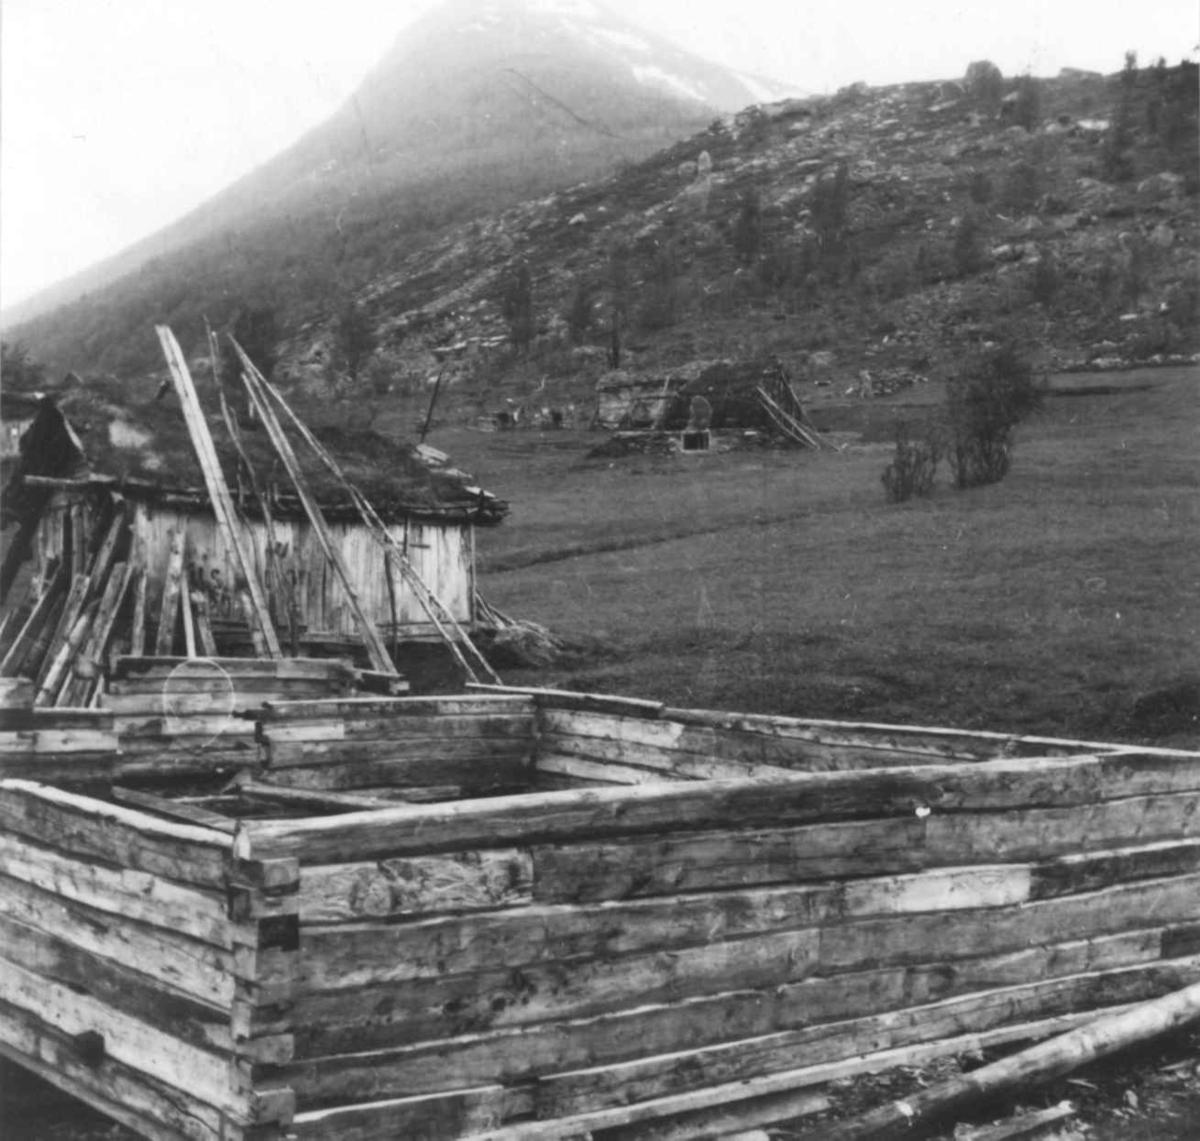 Ole og Lorentse Nilsen, tømret fjøs under oppførelse. Stordalen 1948.